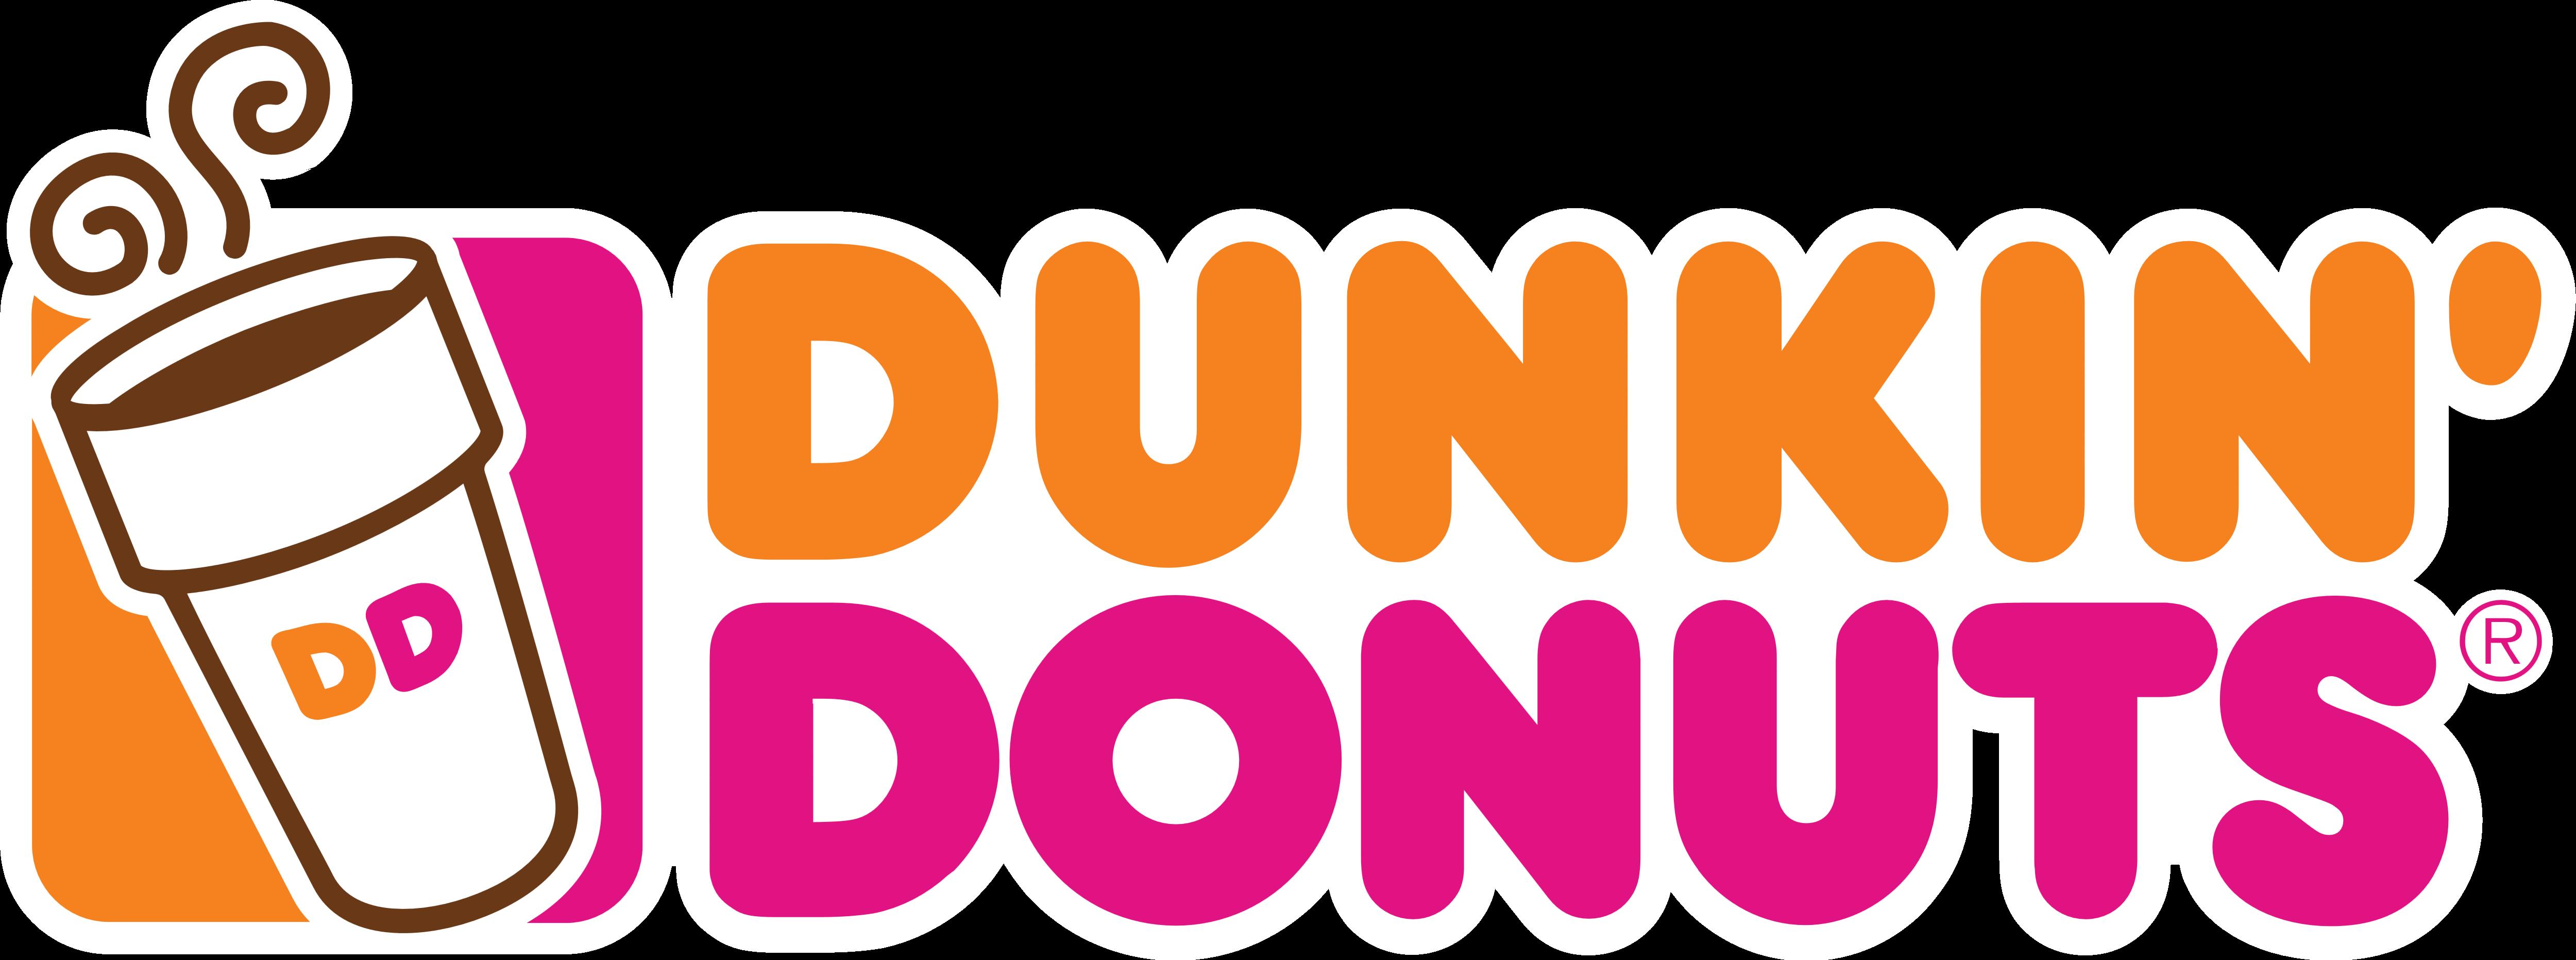 USASA Midwest Best Awards Run on Dunkin